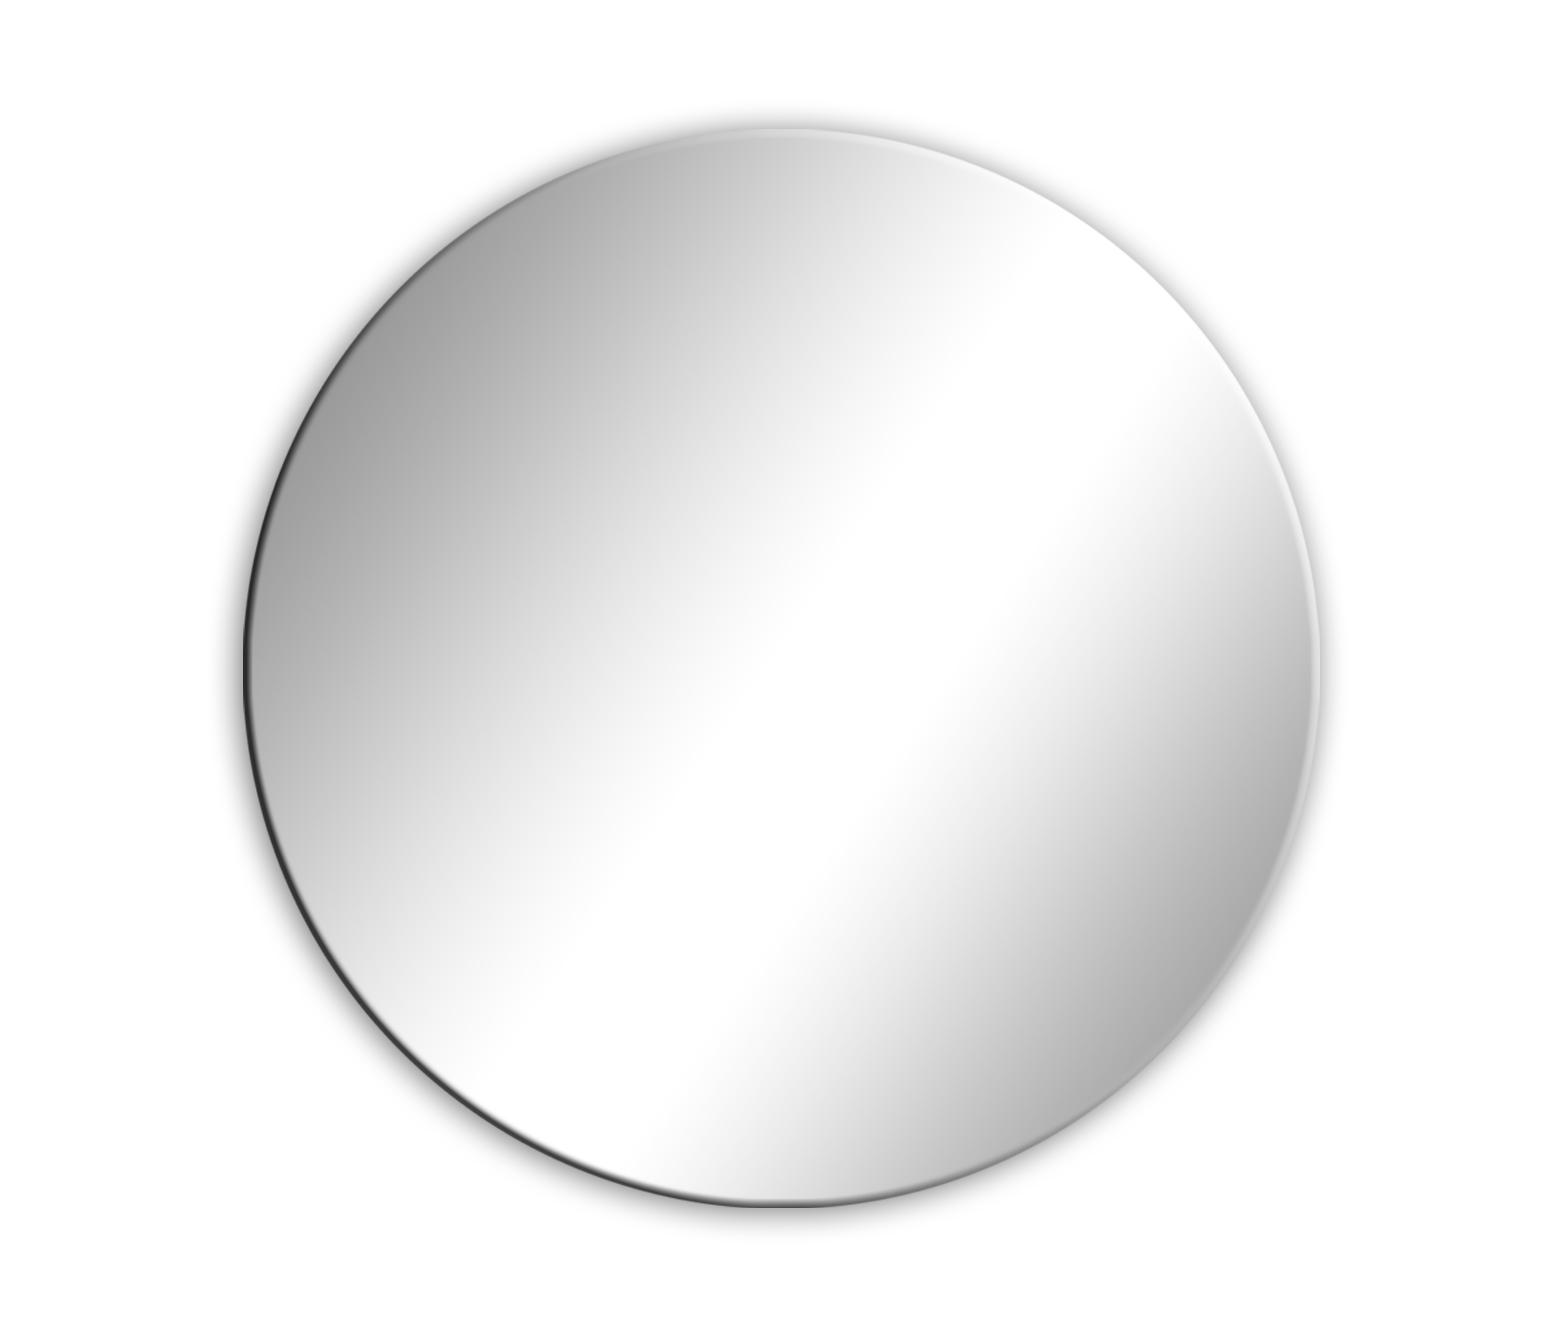 Zrkadlový kruh okrúhly FI50 s rôznymi veľkosťami